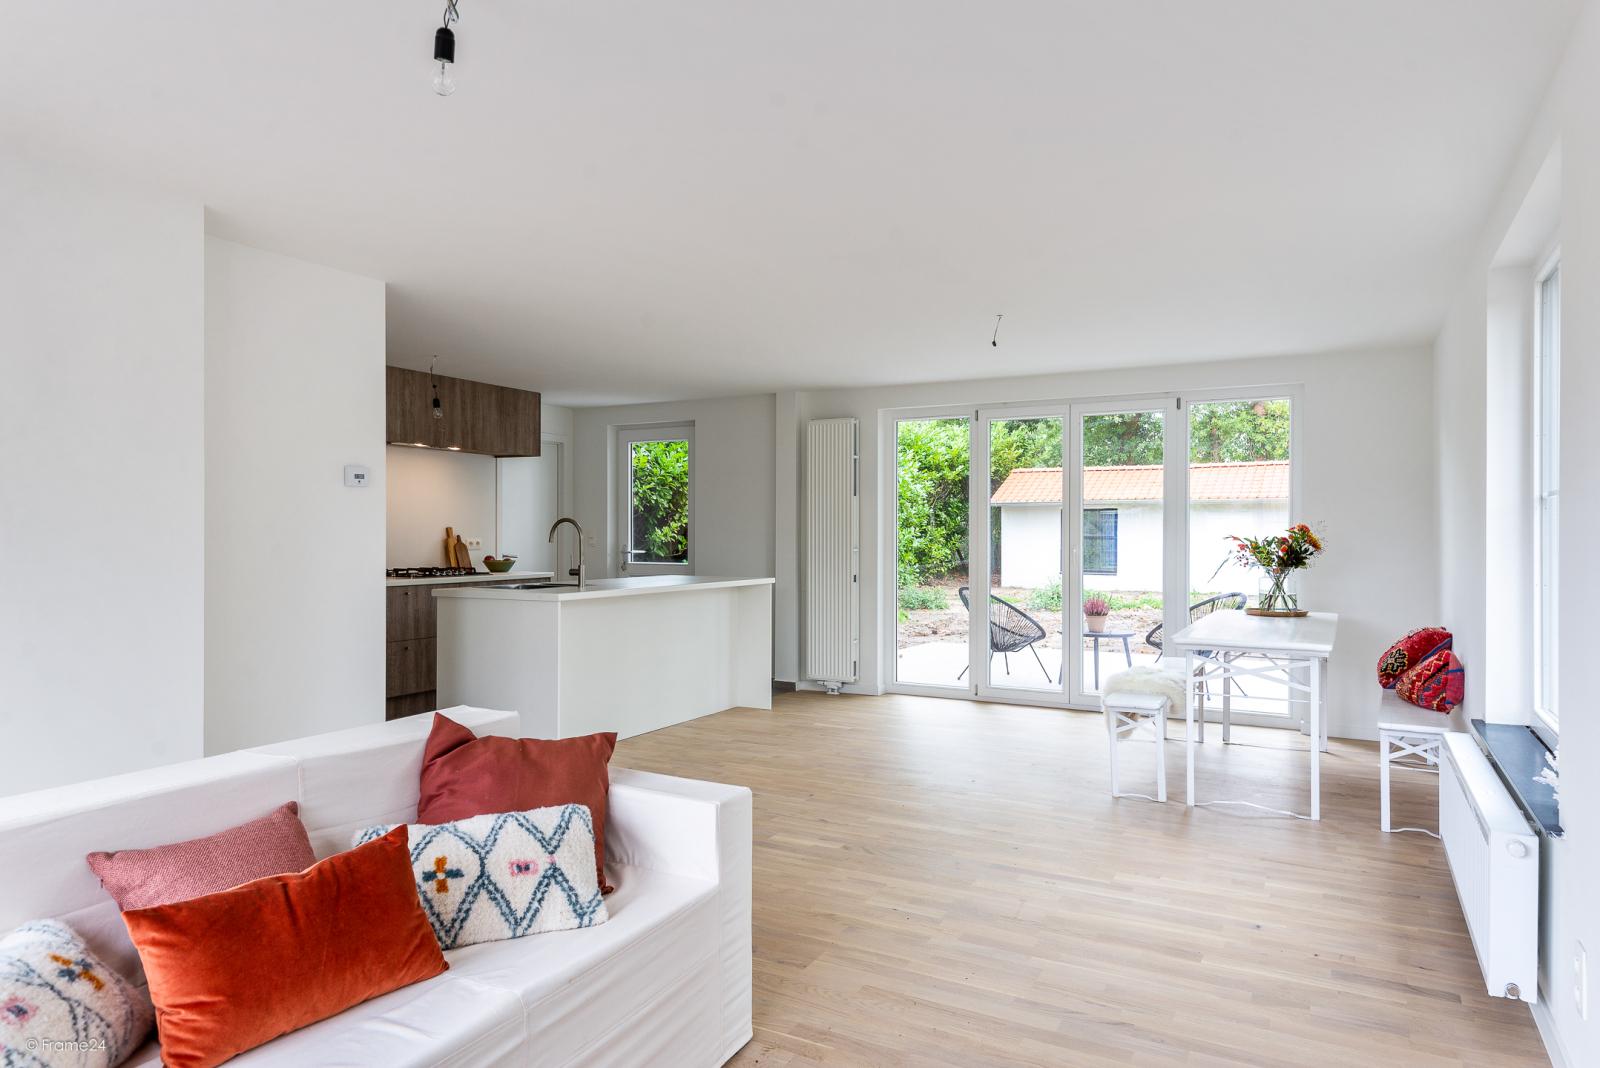 Volledig vernieuwde vrijstaande woning met drie slaapkamers op een hoekperceel van 776 m² te Schilde! afbeelding 5